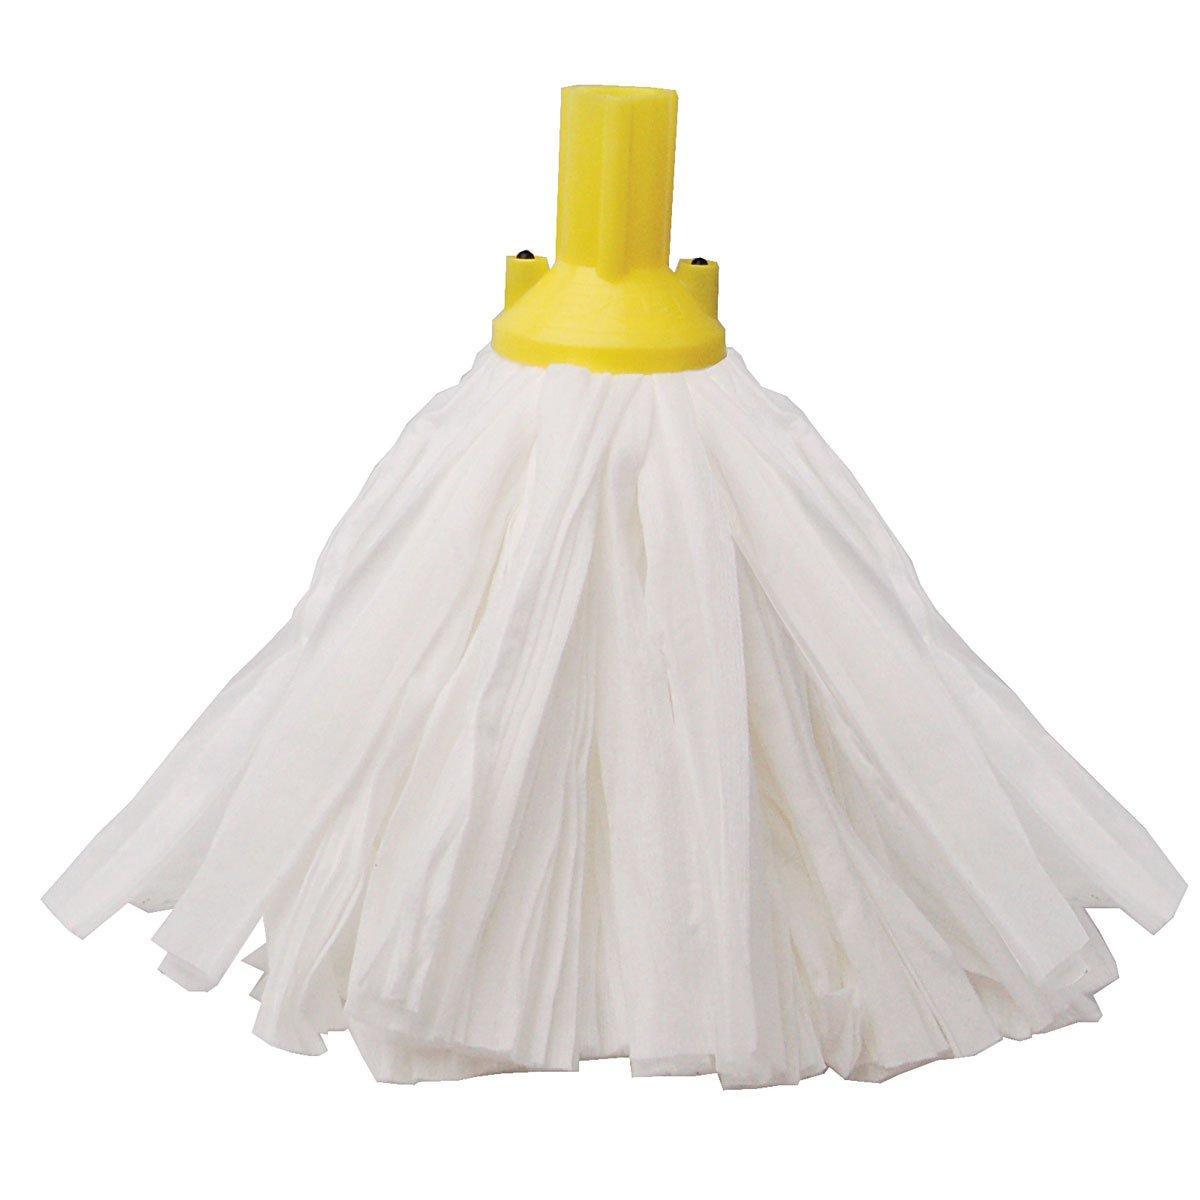 Exel Y24 Big White Socket Mops Yellow - Pack of 10 HA024-Y